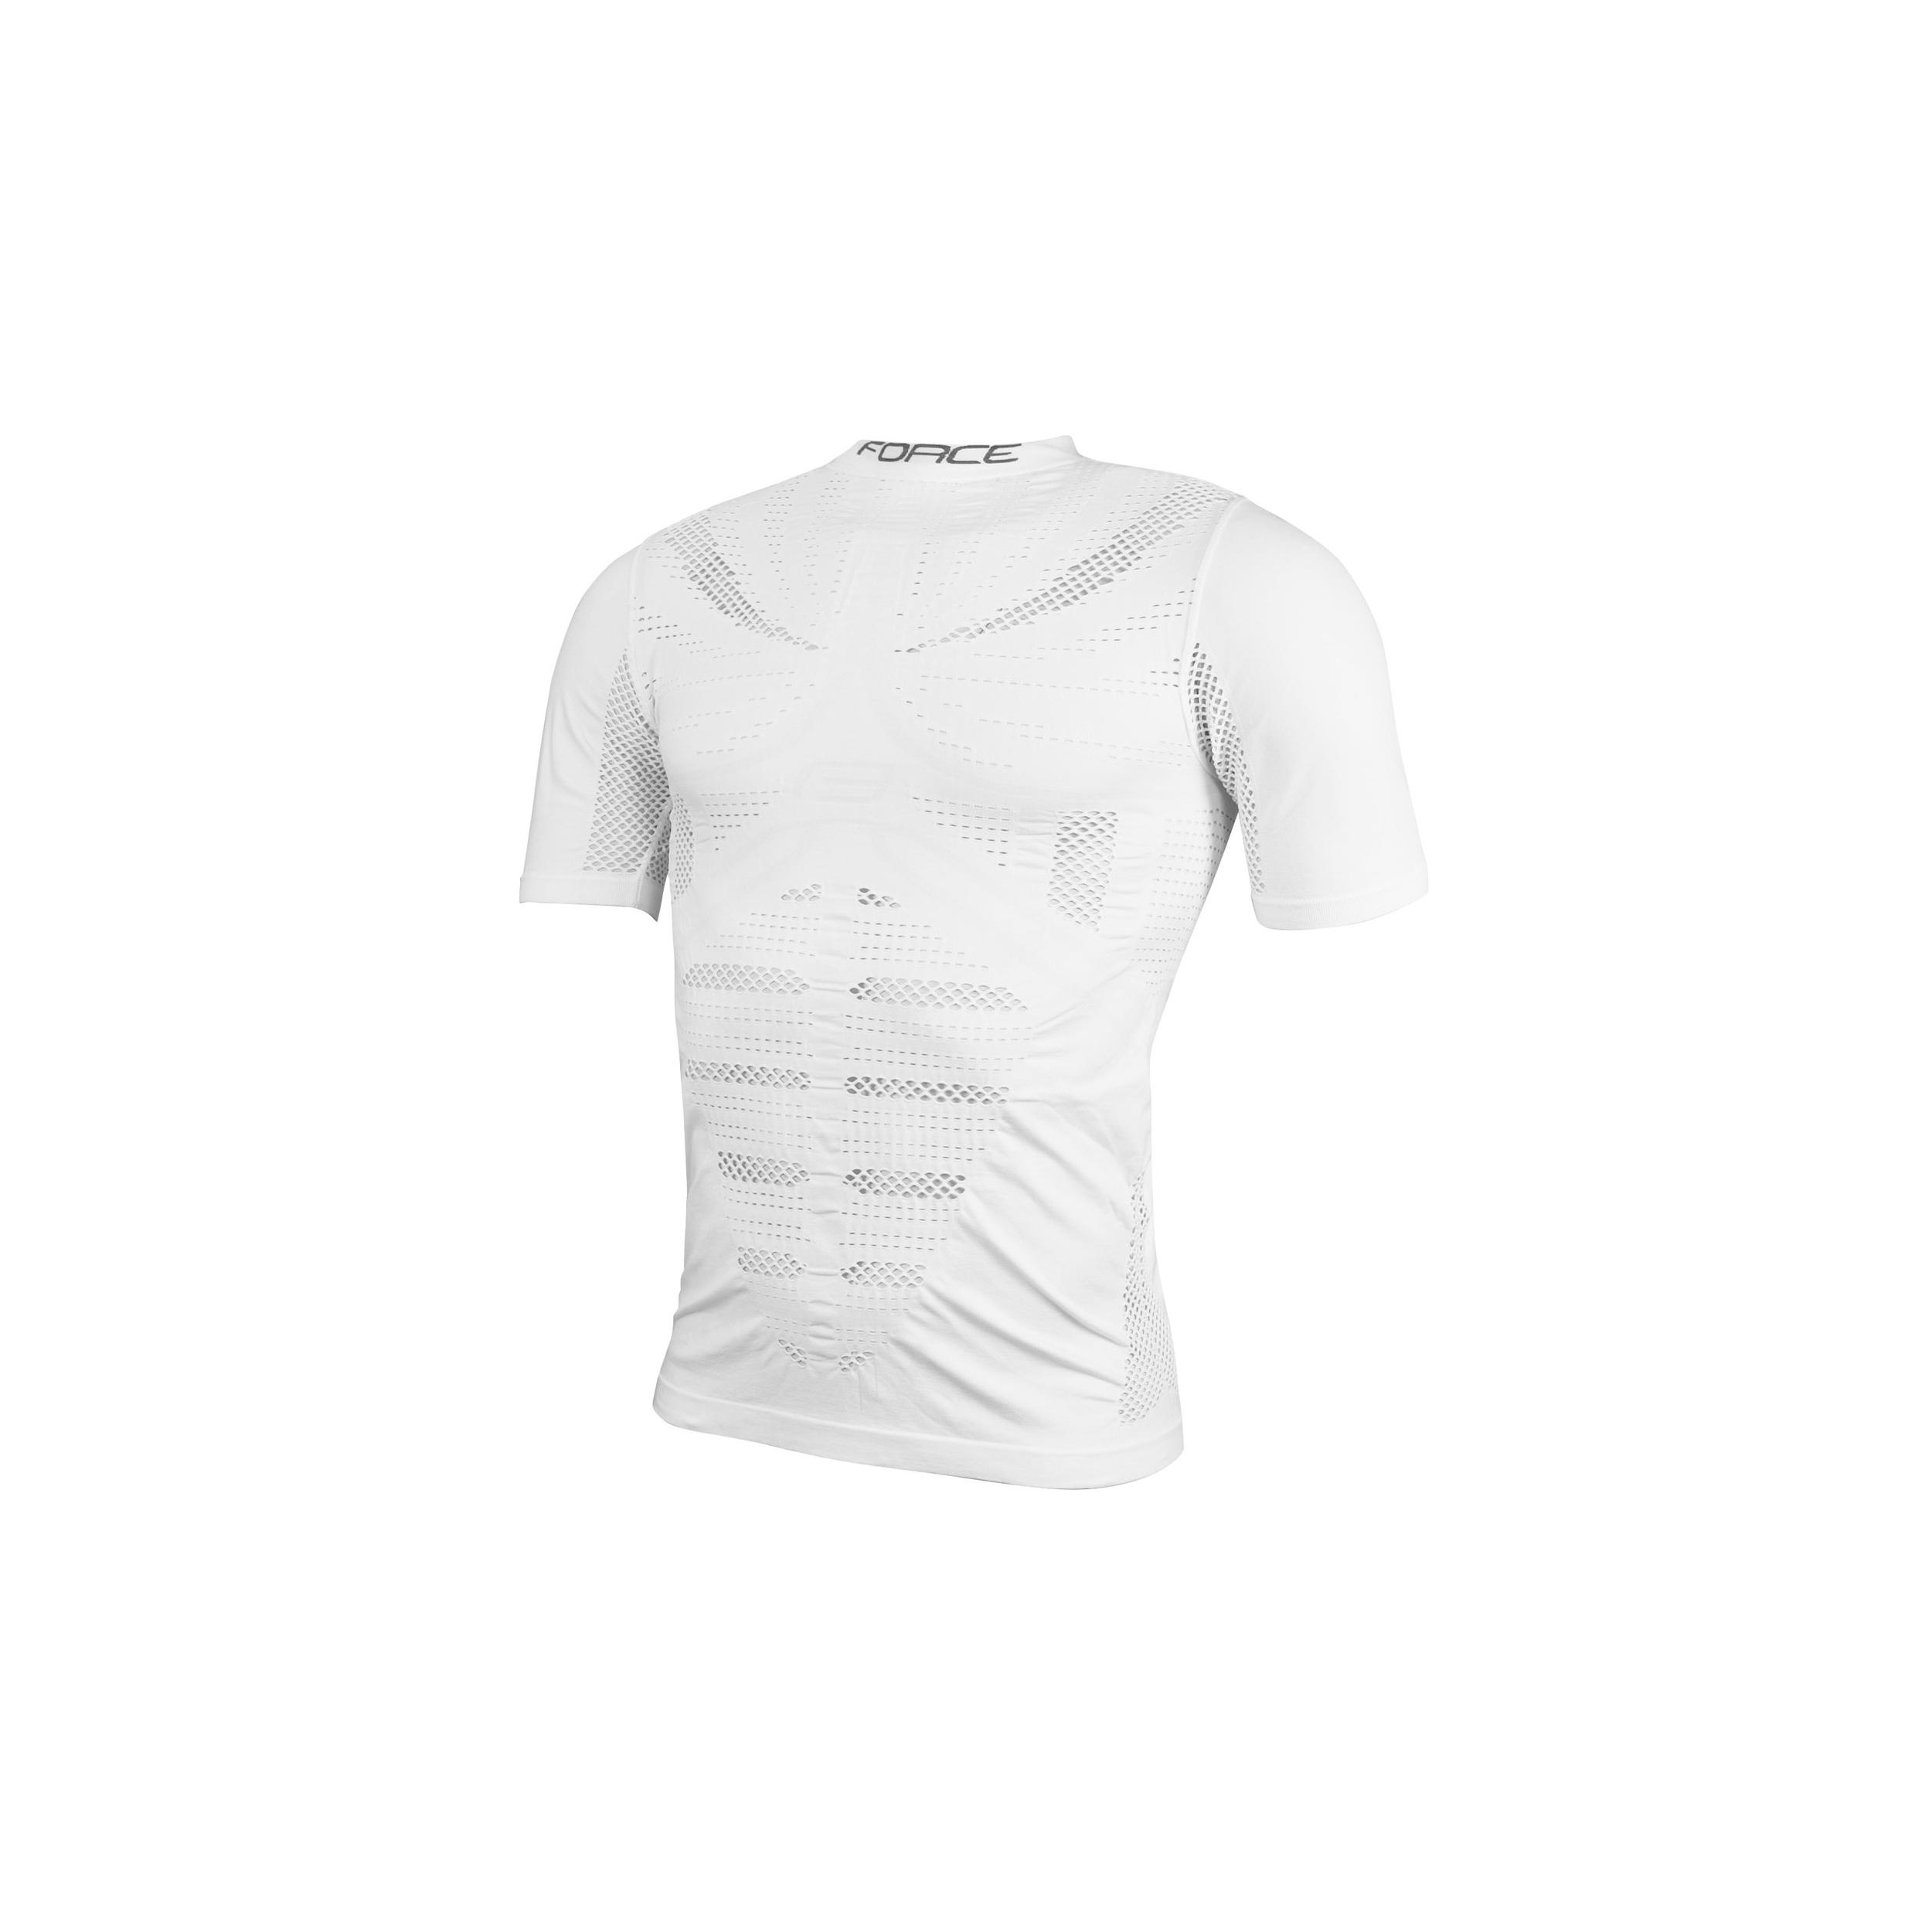 Triko/Funkční prádlo FORCE WIND krátký rukáv, bílé L-XL